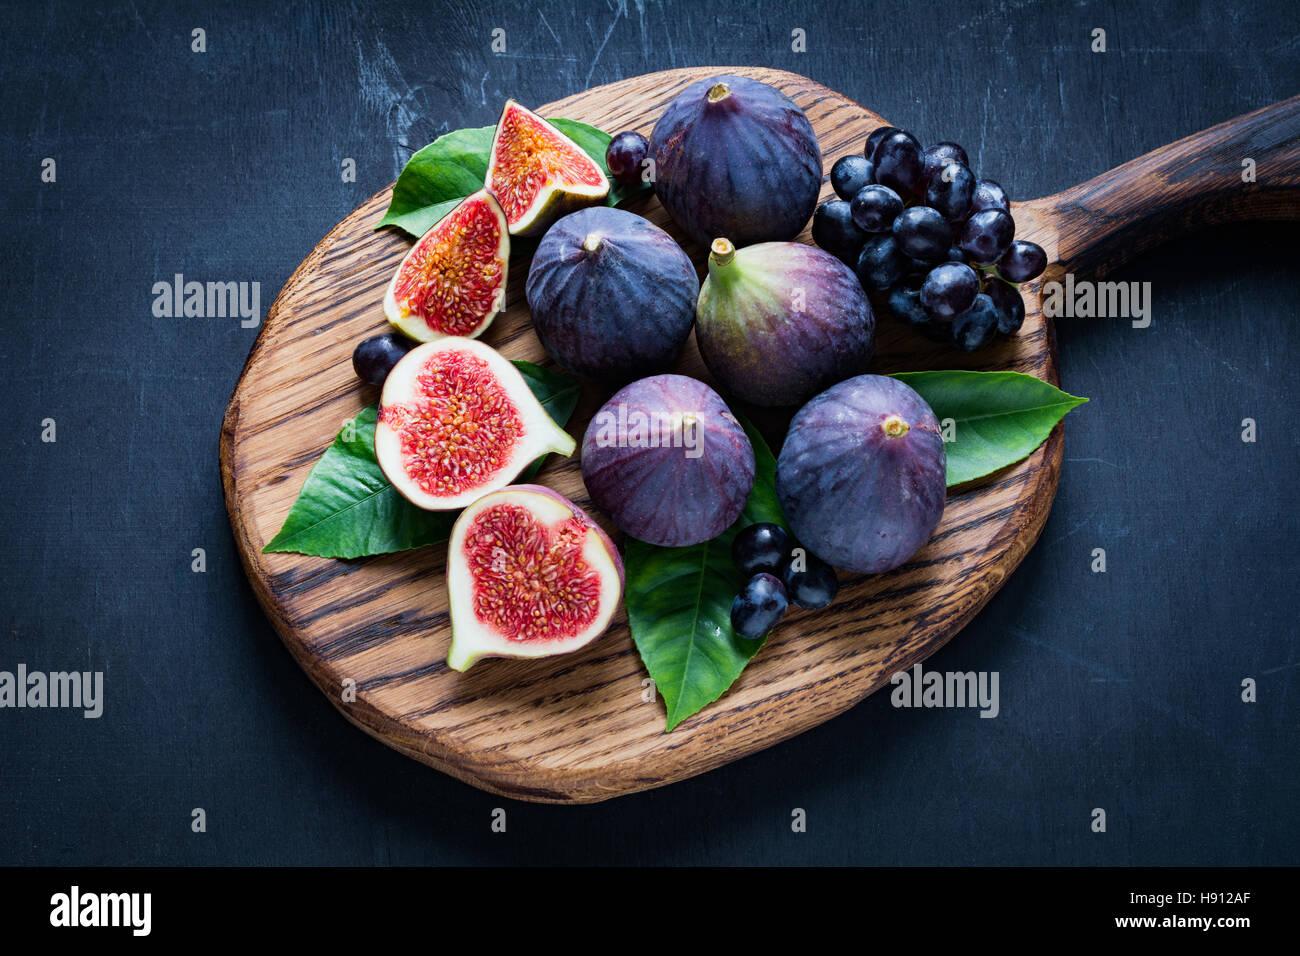 Plato de frutas: higos frescos y uvas negras 'Isabella' en la tabla de cortar de madera. Vista horizontal Imagen De Stock